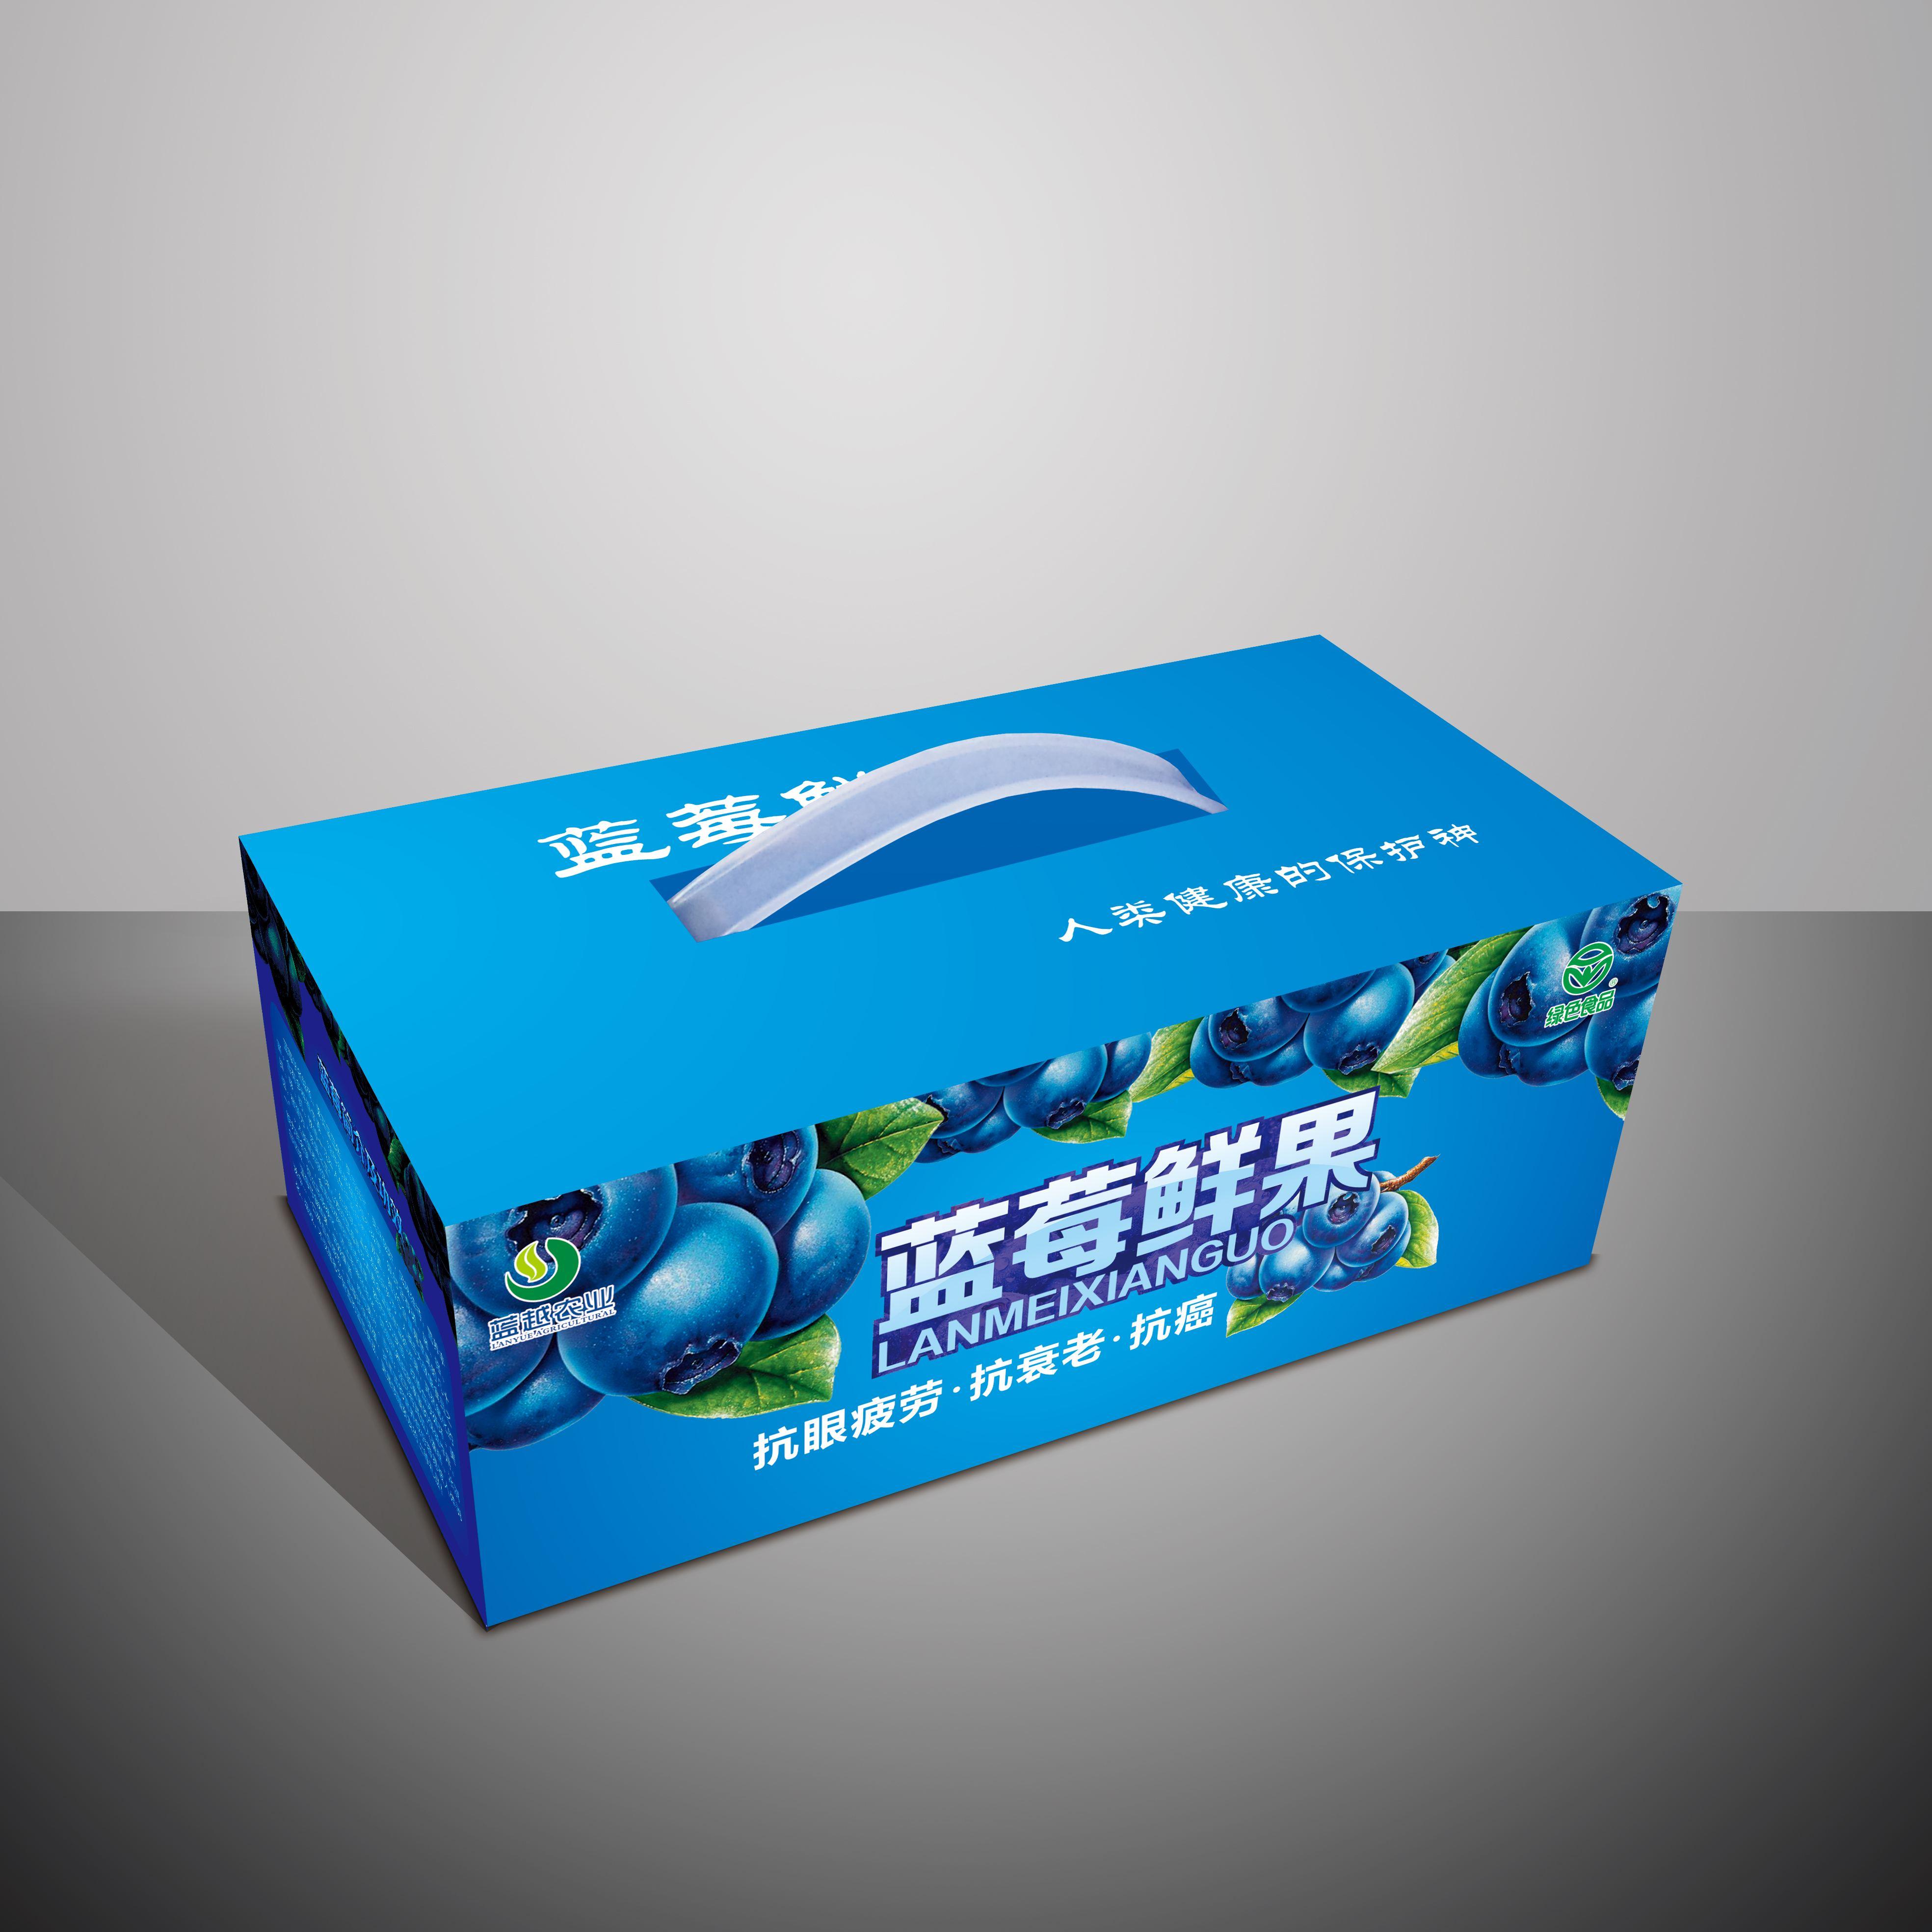 包装 包装设计 设计 箱子 3937_3937